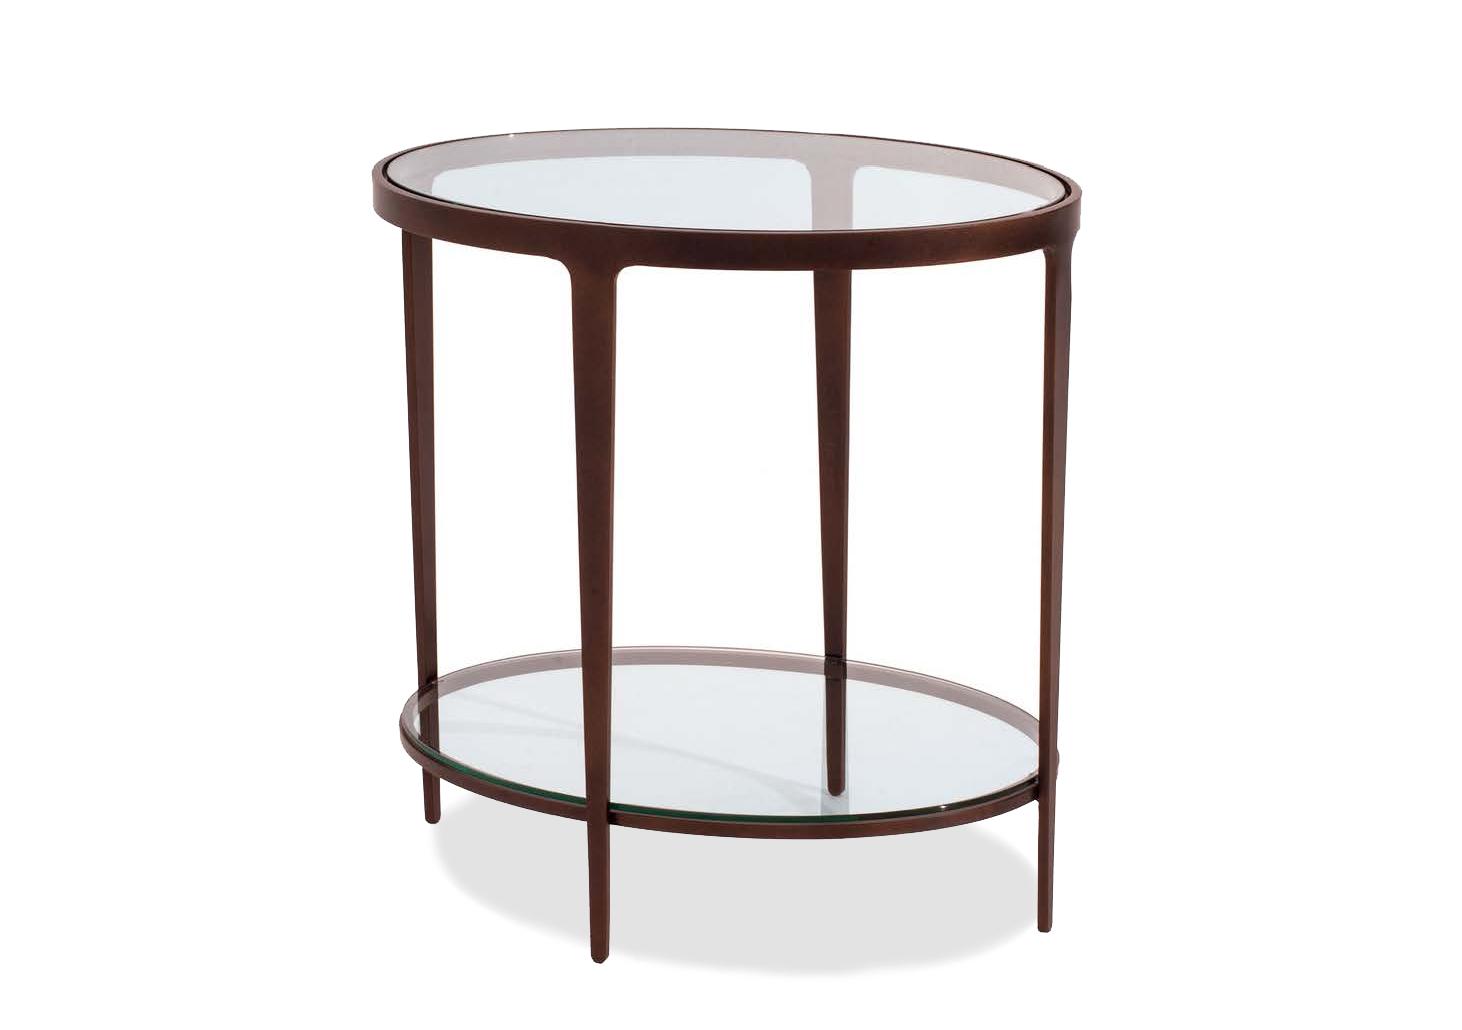 Elegant Ellipse Oval End Table